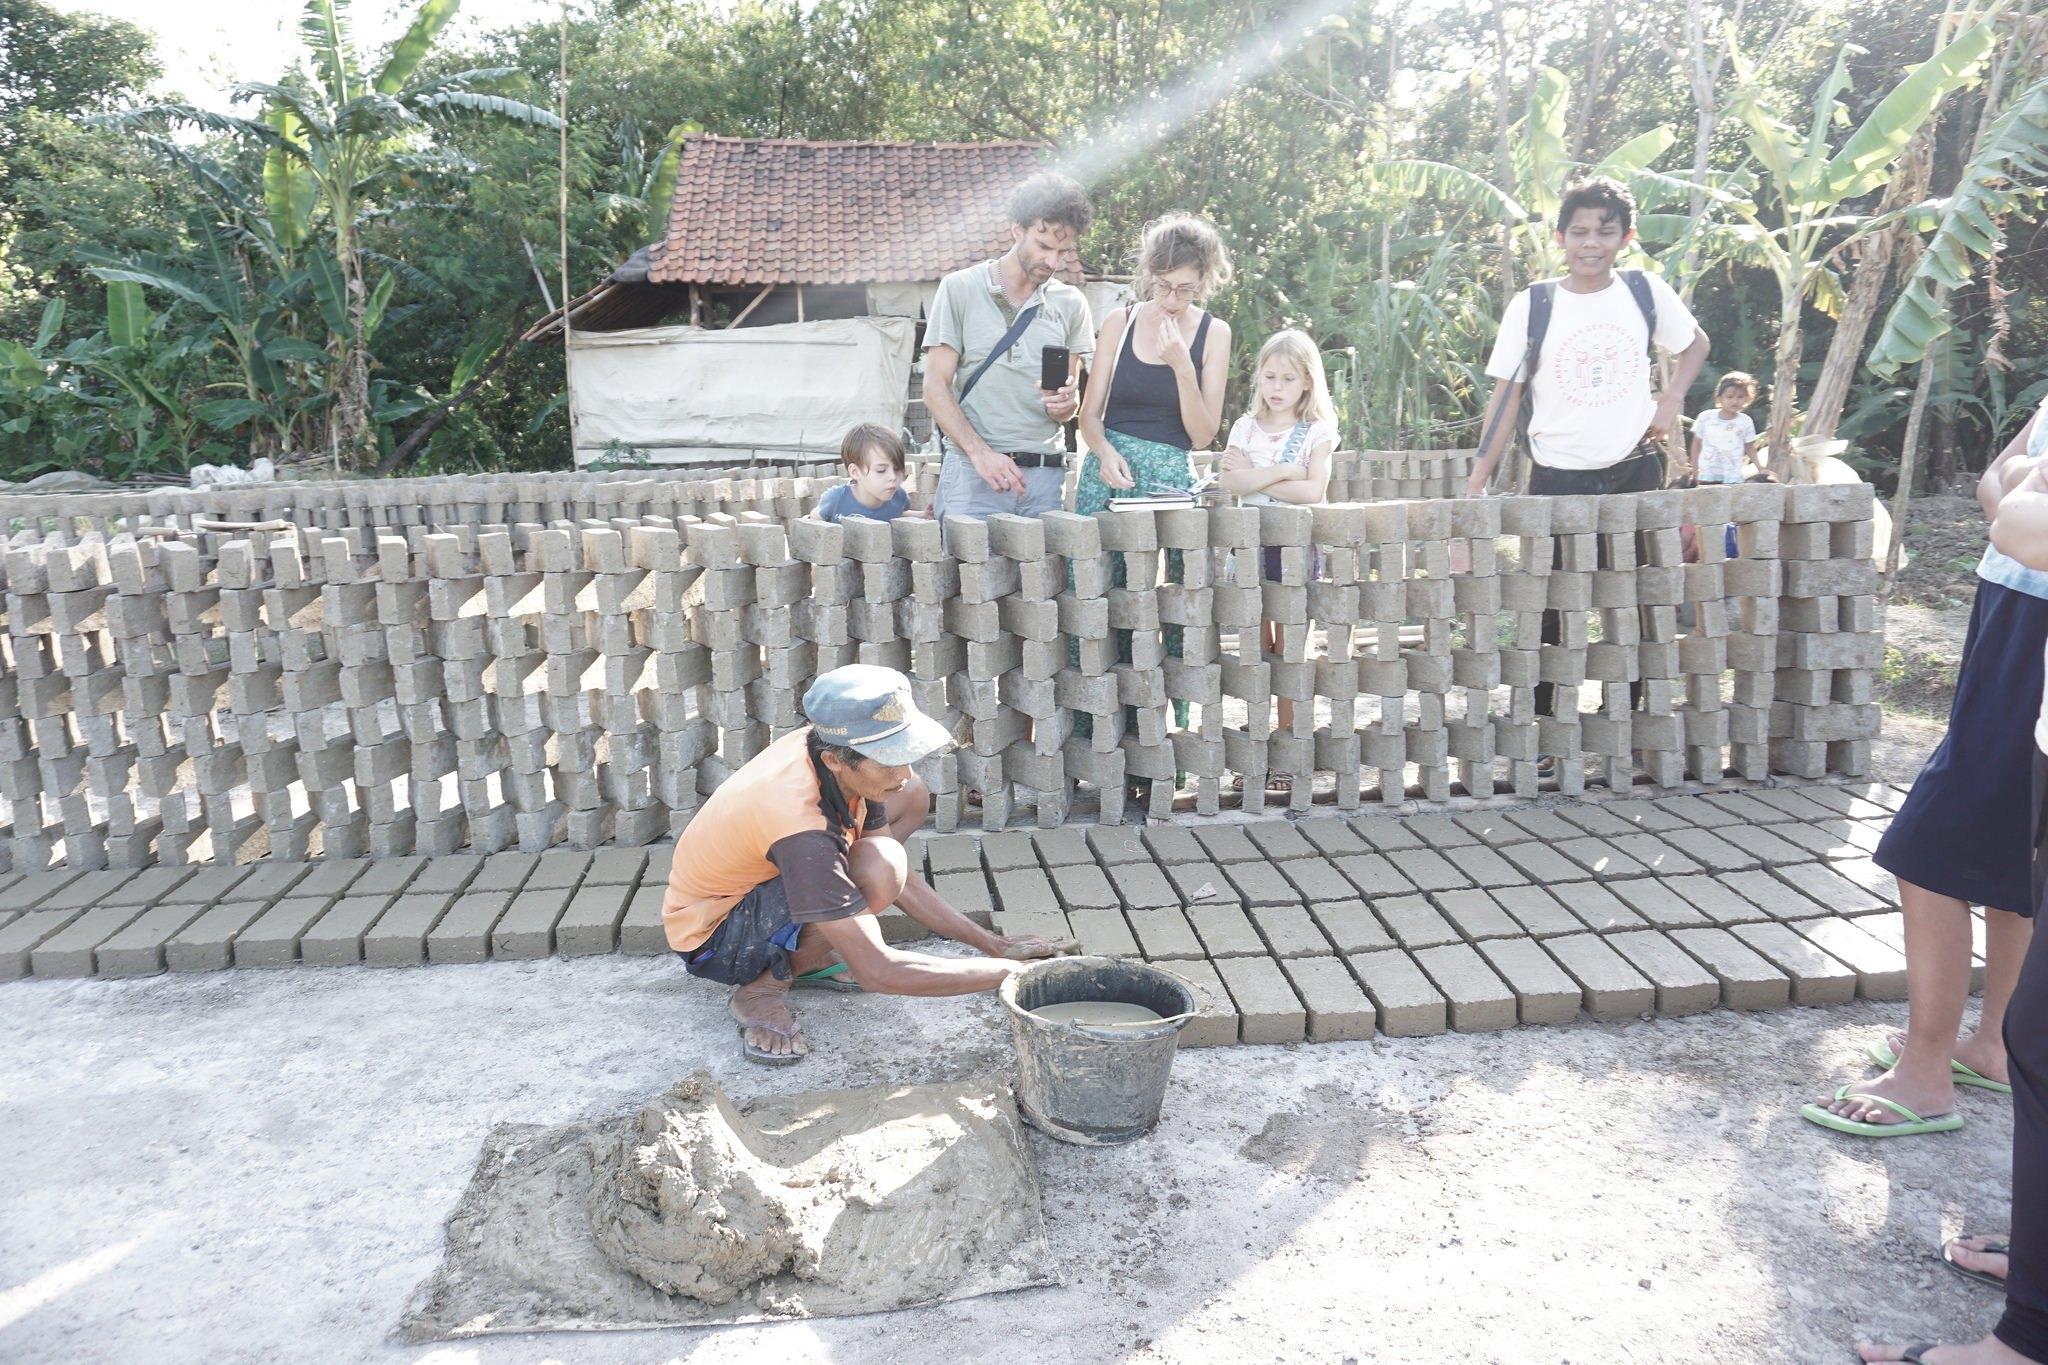 Pembuatan Bata oleh Perajin | Foto: jaf.art.blog